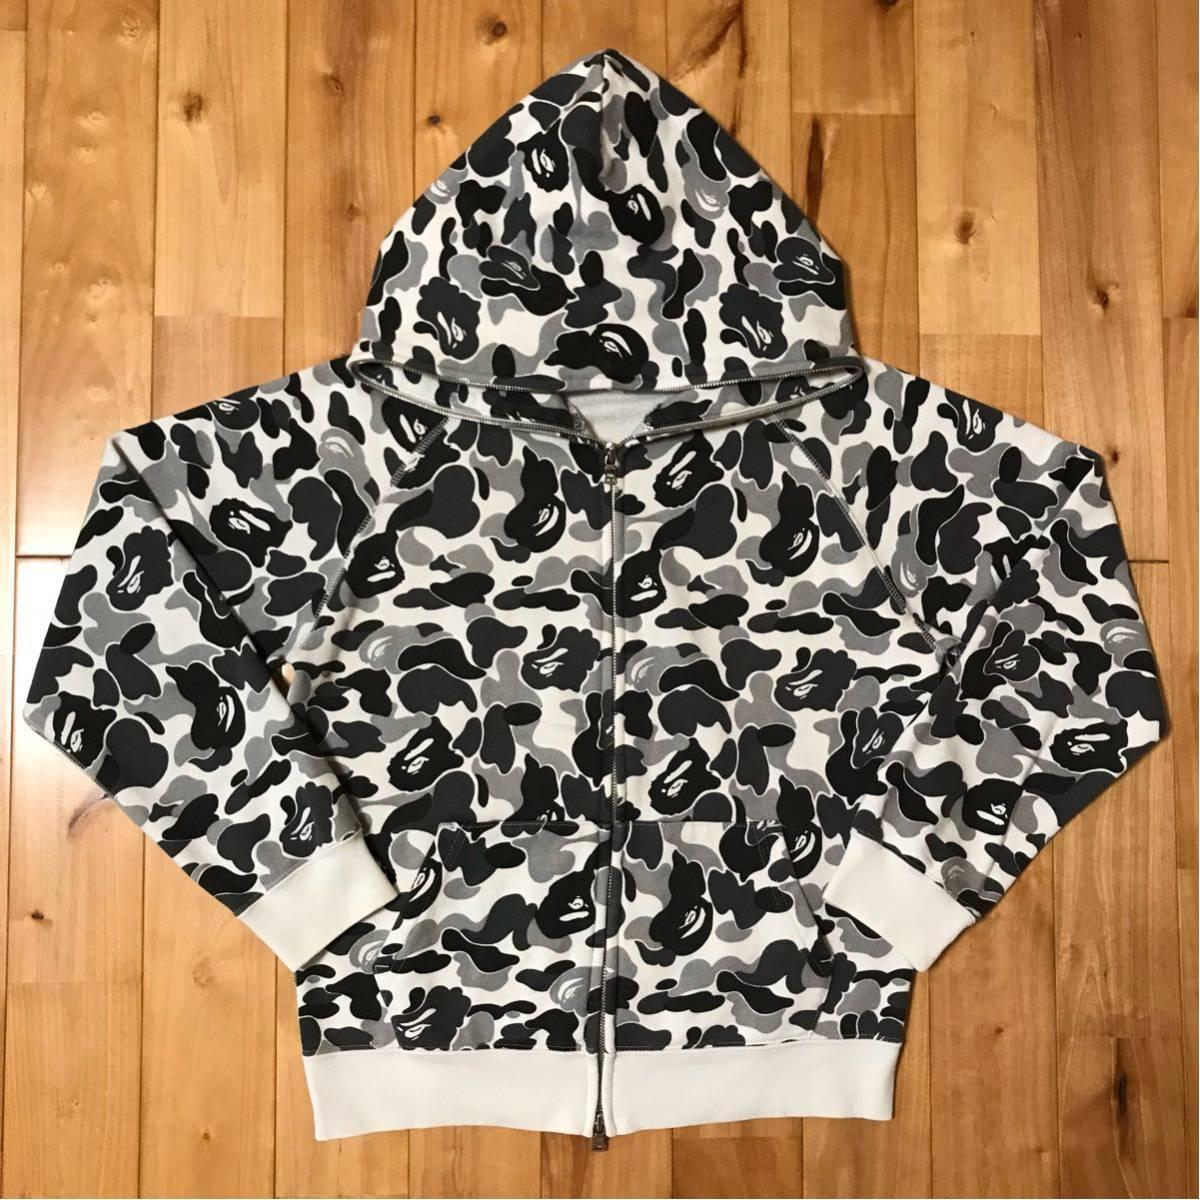 ★原宿限定★ APEE パーカー レディース S a bathing ape bape store limited camo hoodie エイプ ベイプ harajuku color 都市限定 nigo